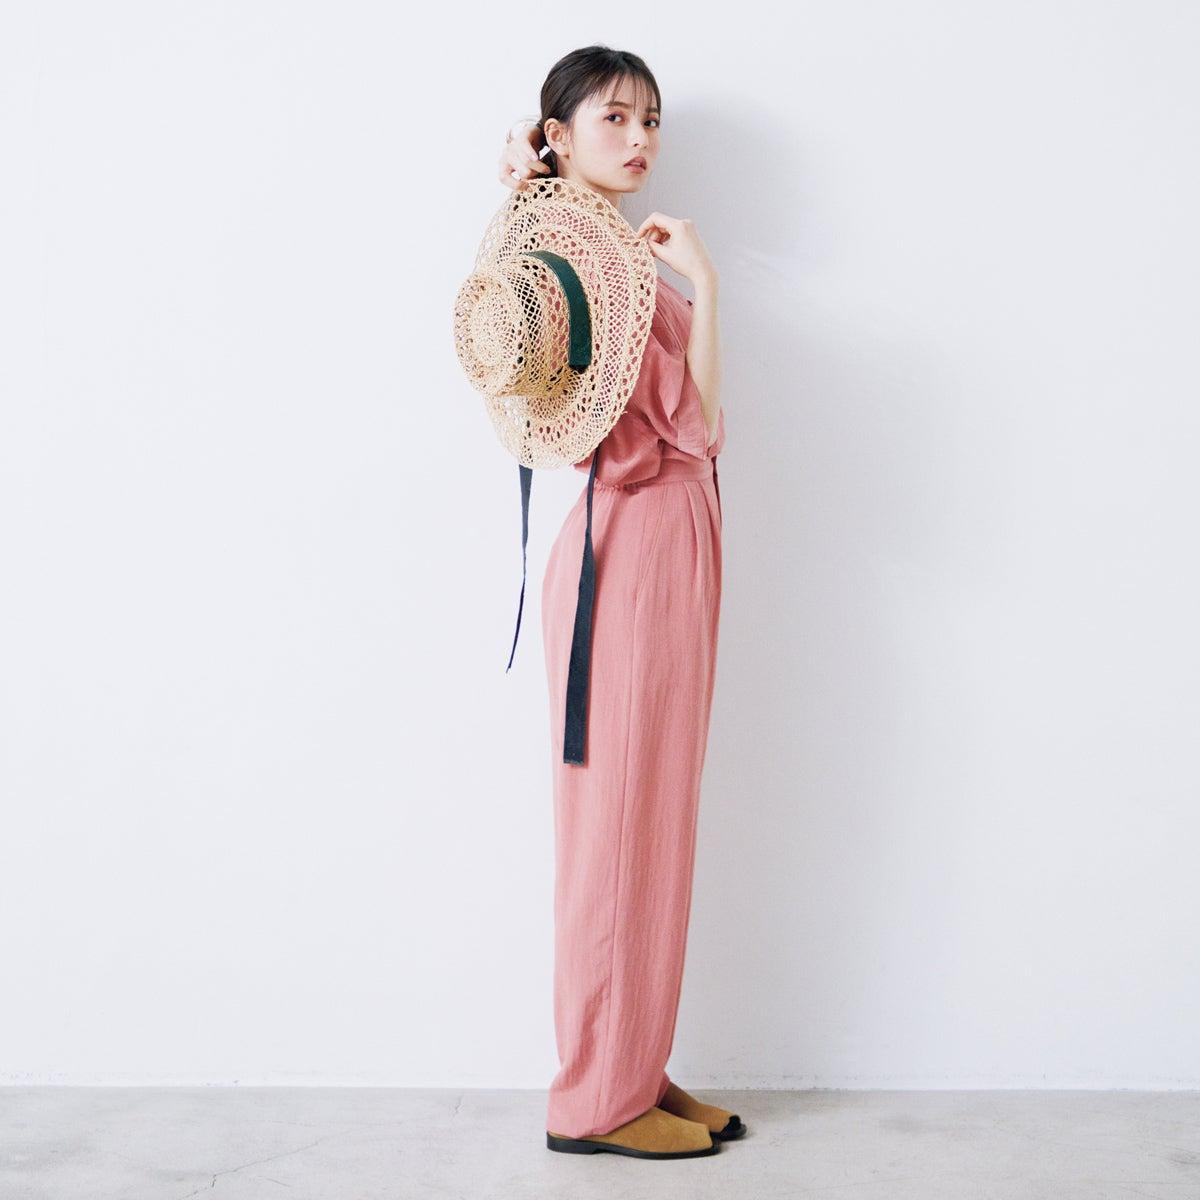 乃木坂46 齋藤飛鳥の2/her 「ピンク」がキーワードの2つのスタイル